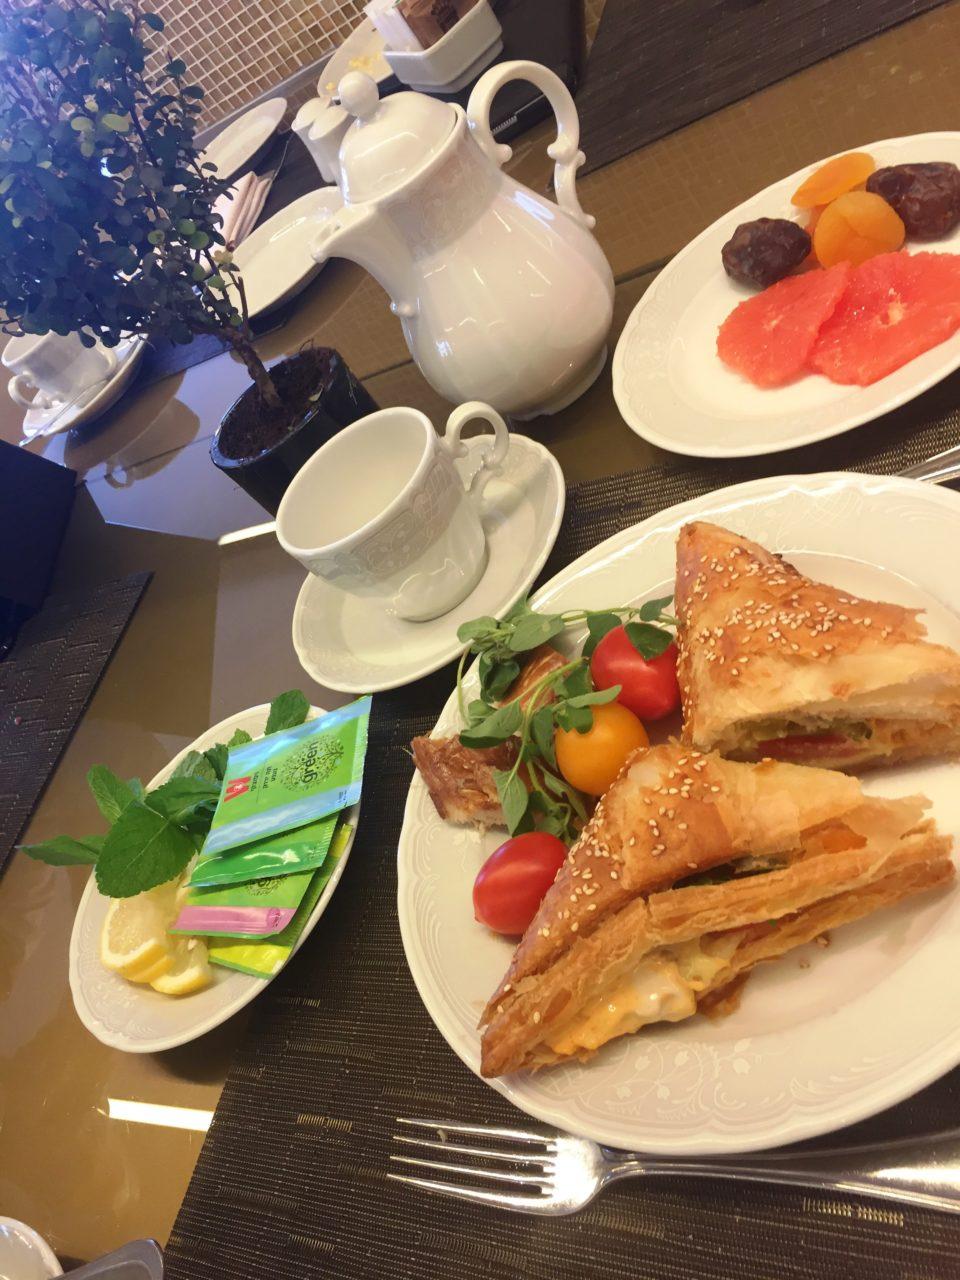 Israeli Breakfast : Bourekas, one of my very favorite Israeli breakfast discoveries!